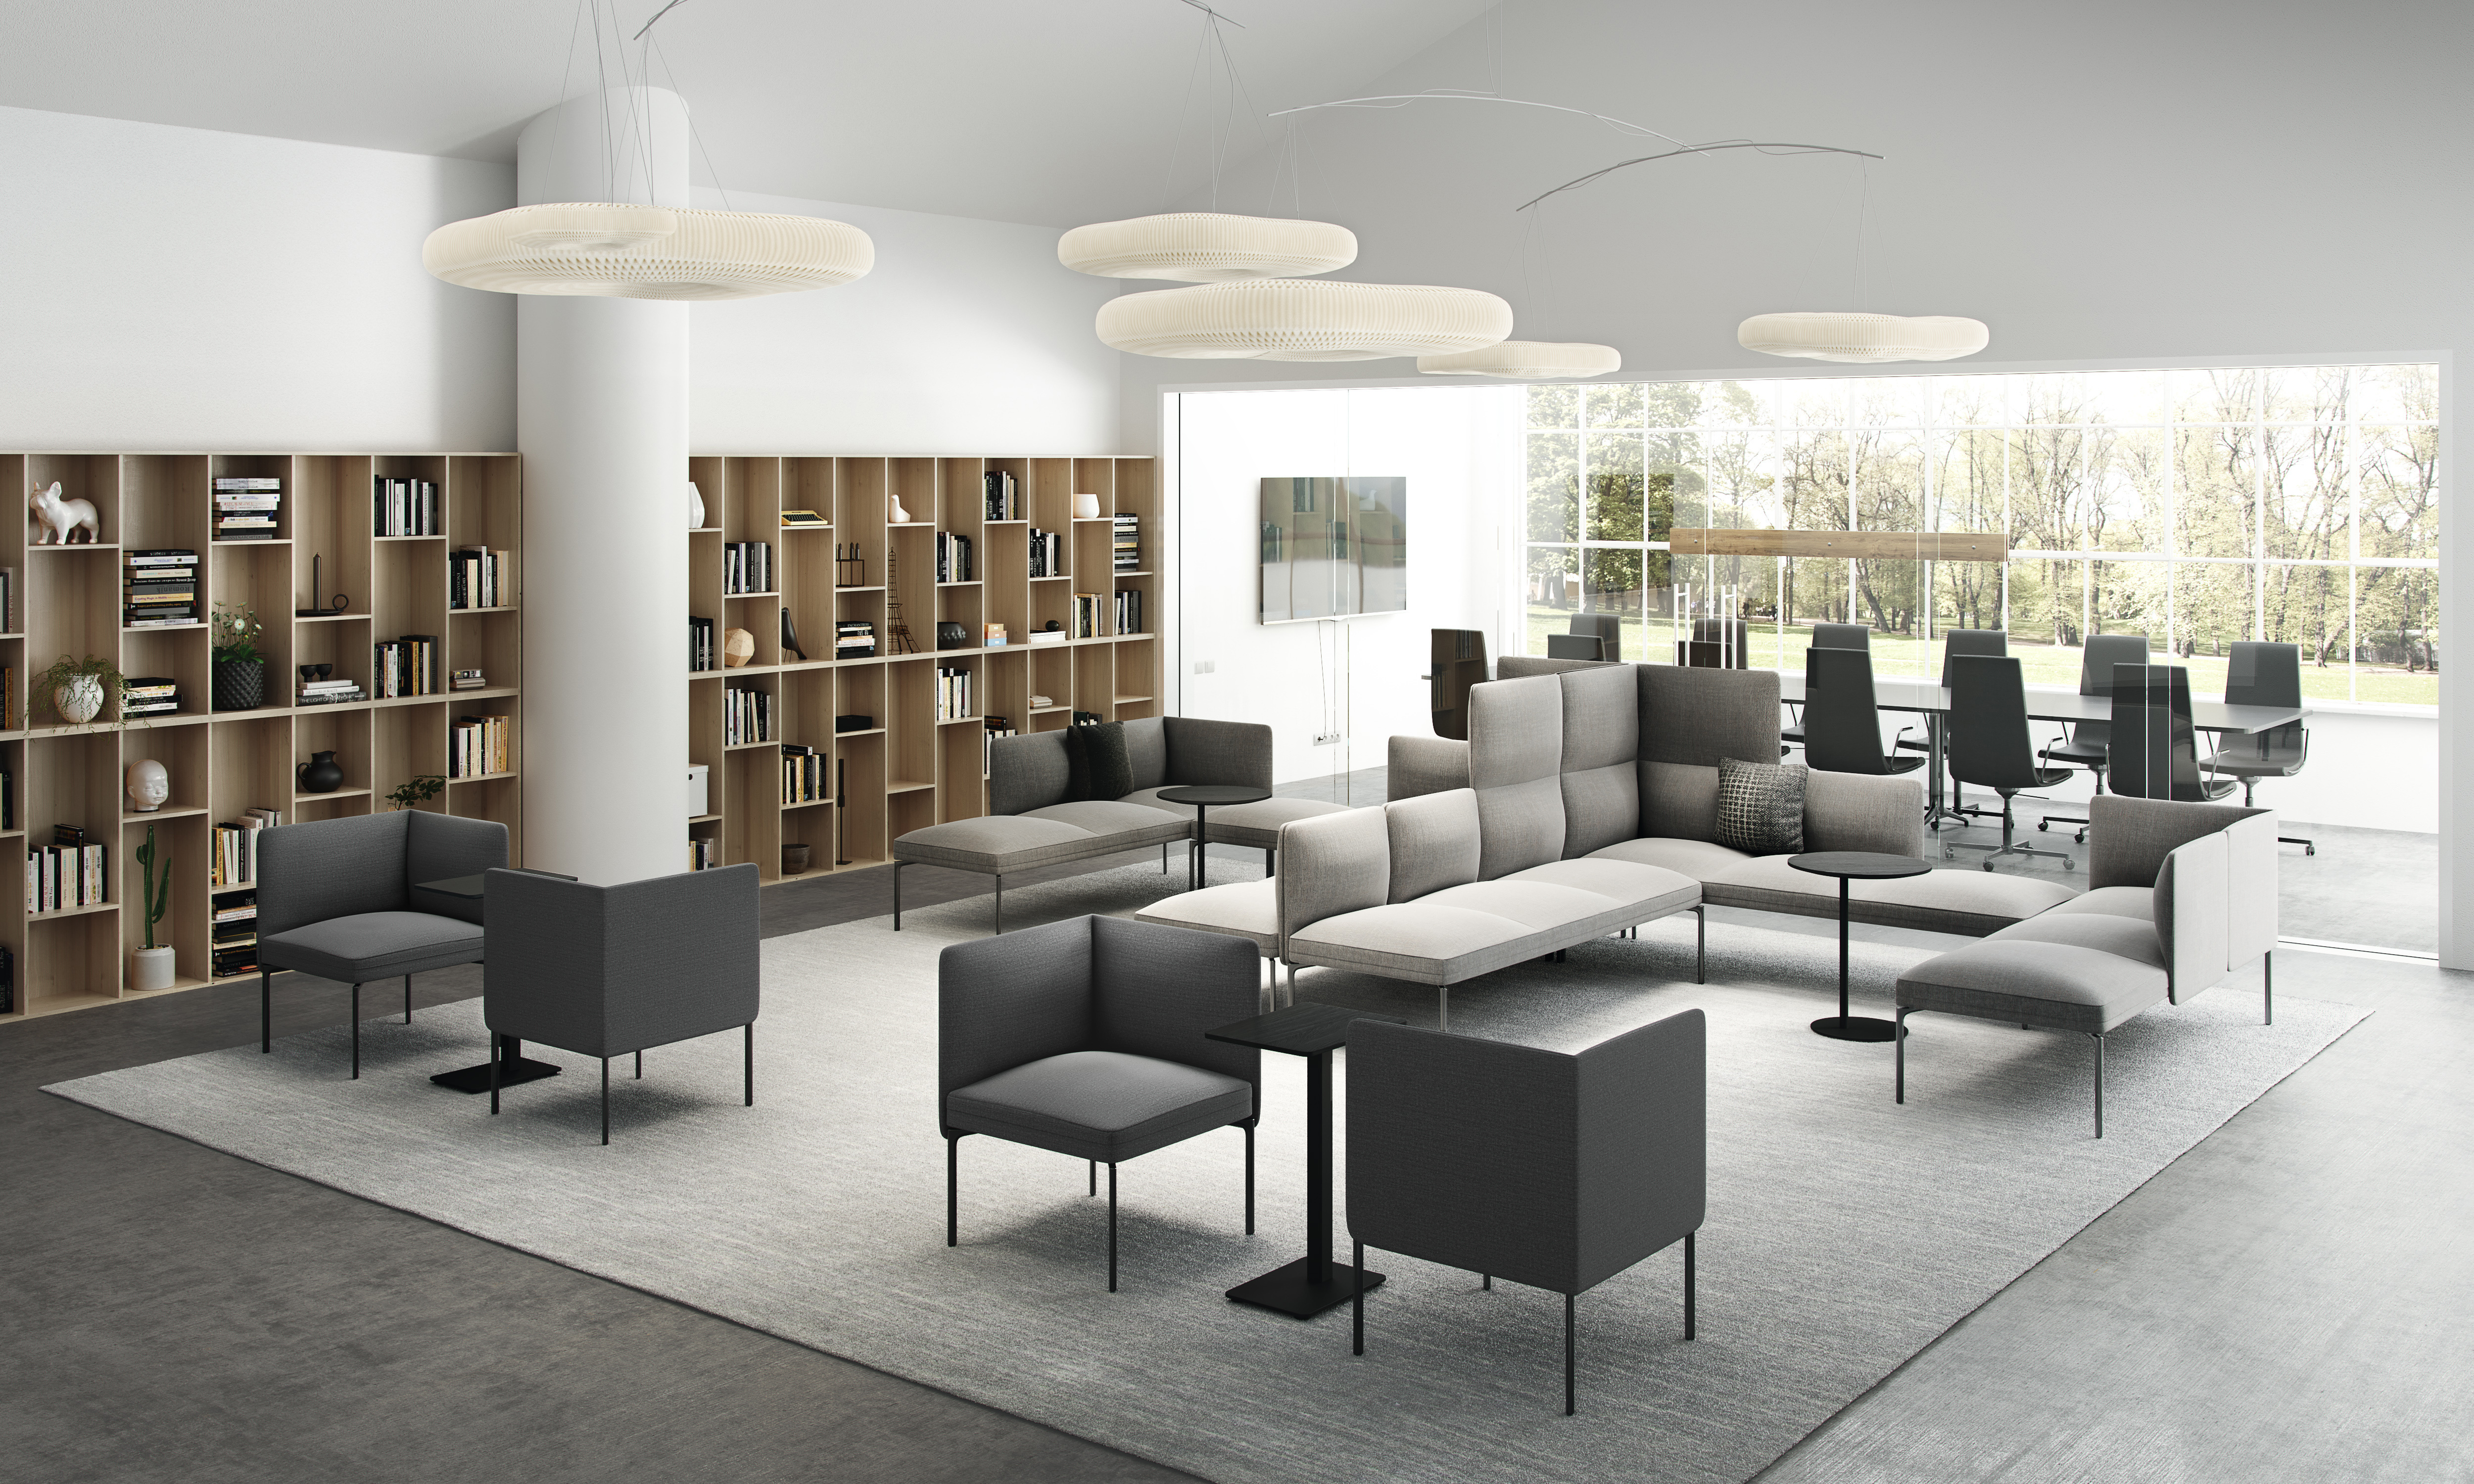 Senso sofa og stoler L og S bord Clint stoler og Kvart bord Fora Form